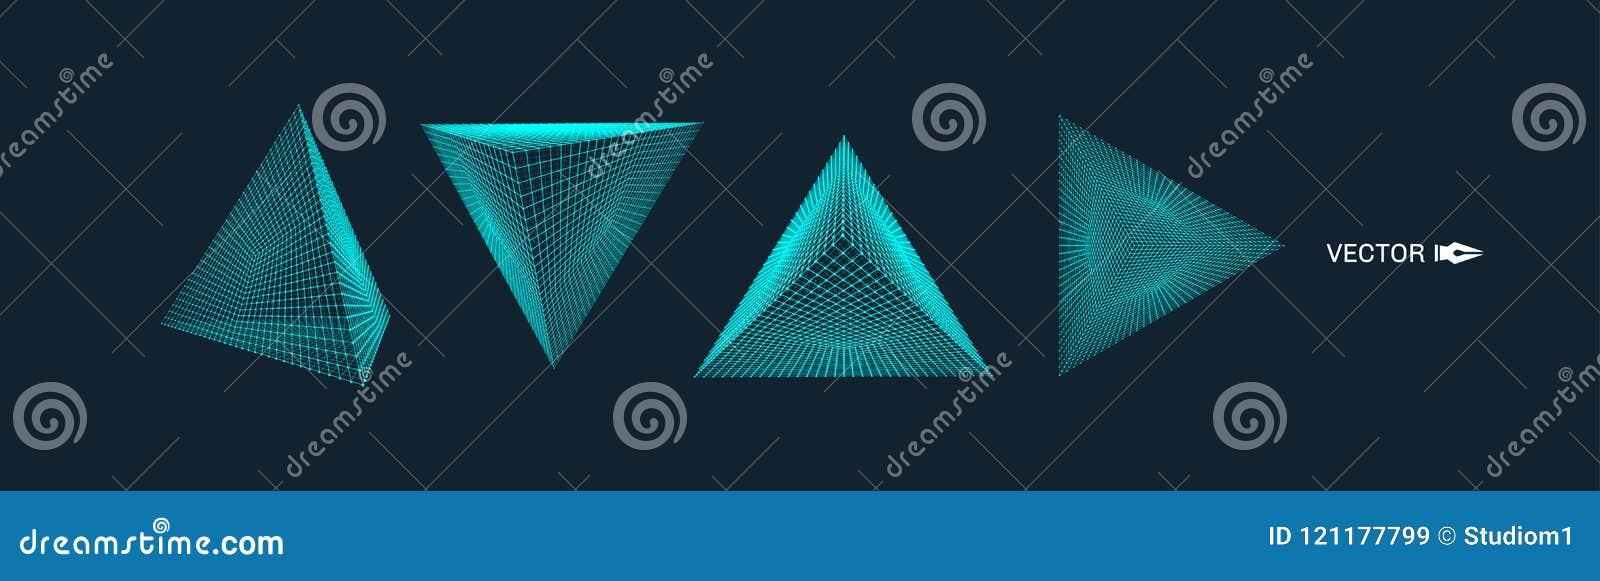 金字塔 分子栅格 3D技术样式 也corel凹道例证向量 化学和科学的连接结构